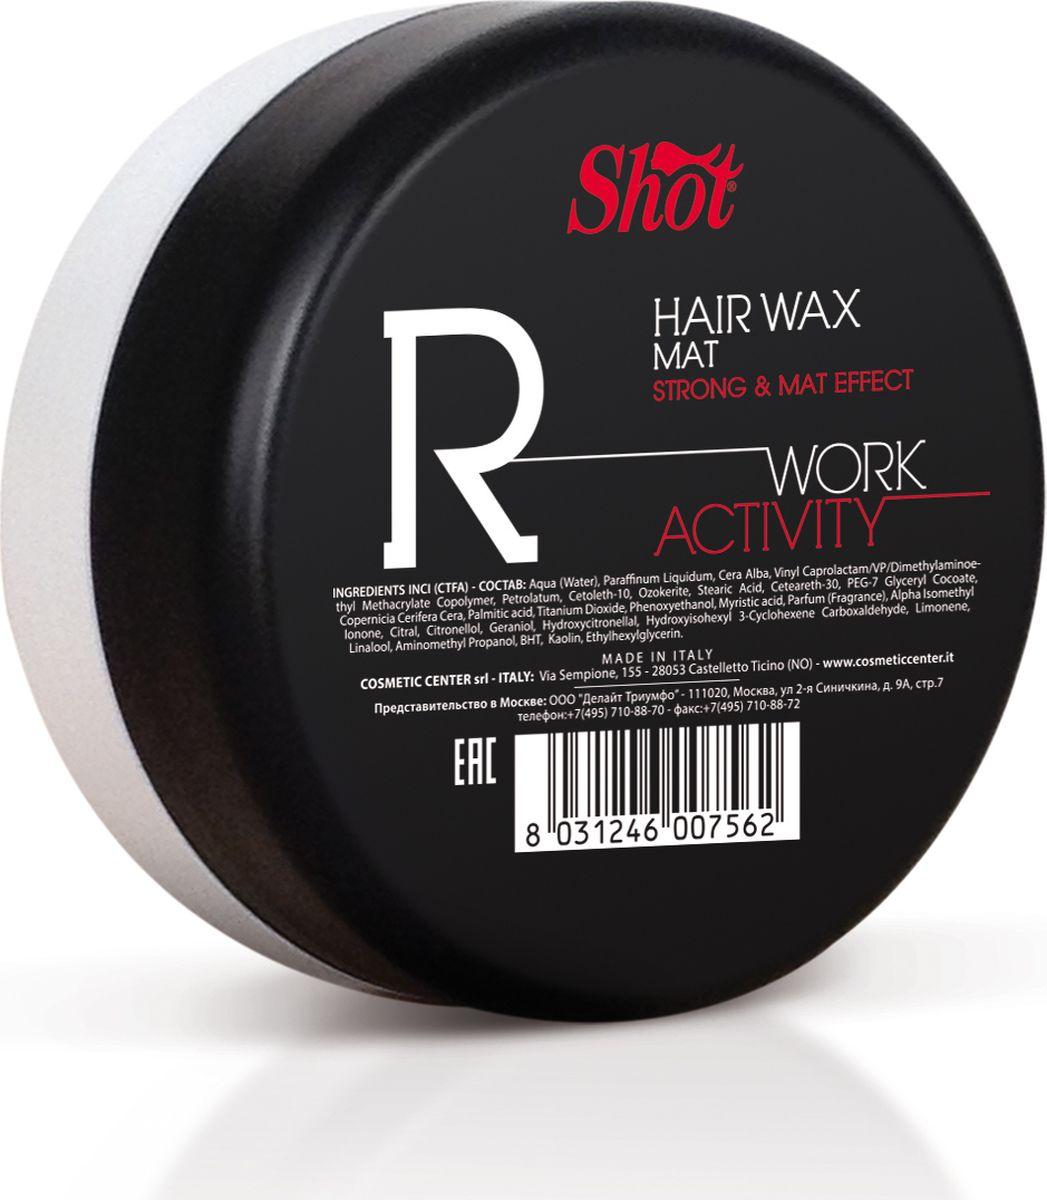 Shot Work Activity Hair Wax Mat - Воск сильной фиксации и матовым эффектом 100 млSHWA111Обладает сильным уровнем фиксации и после нанесения на пряди, наполняет их ультрамодным матовым блеском. Отлично подходит для моделирования коротких стрижек, придания им нестандартных уникальных форм, а также для расстановки структурных акцентов при работе с длинными прядями. В основе средства лежат высококачественные пчелиный и фруктовые воски, что делает Shot Work Activity Matte Wax полностью безопасным для частого. Эти компоненты не только не пересушивают и не вредят волосам, но и значительно улучшают их состояние, помогают прядям сохранять драгоценную влагу при температурном стайлинга, защищают от механических повреждений. Содержит коллаген, кератин и витаминаы. Столь насыщенный коктейль питает и восстанавливает локоны, делает их эластичнее и сильнее день за днем. Результат использования воска Shot Work Activity Matte Wax - это стильная неповторимая укладка, не теряющая аккуратности на протяжении дня, и здоровые красивые волосы!